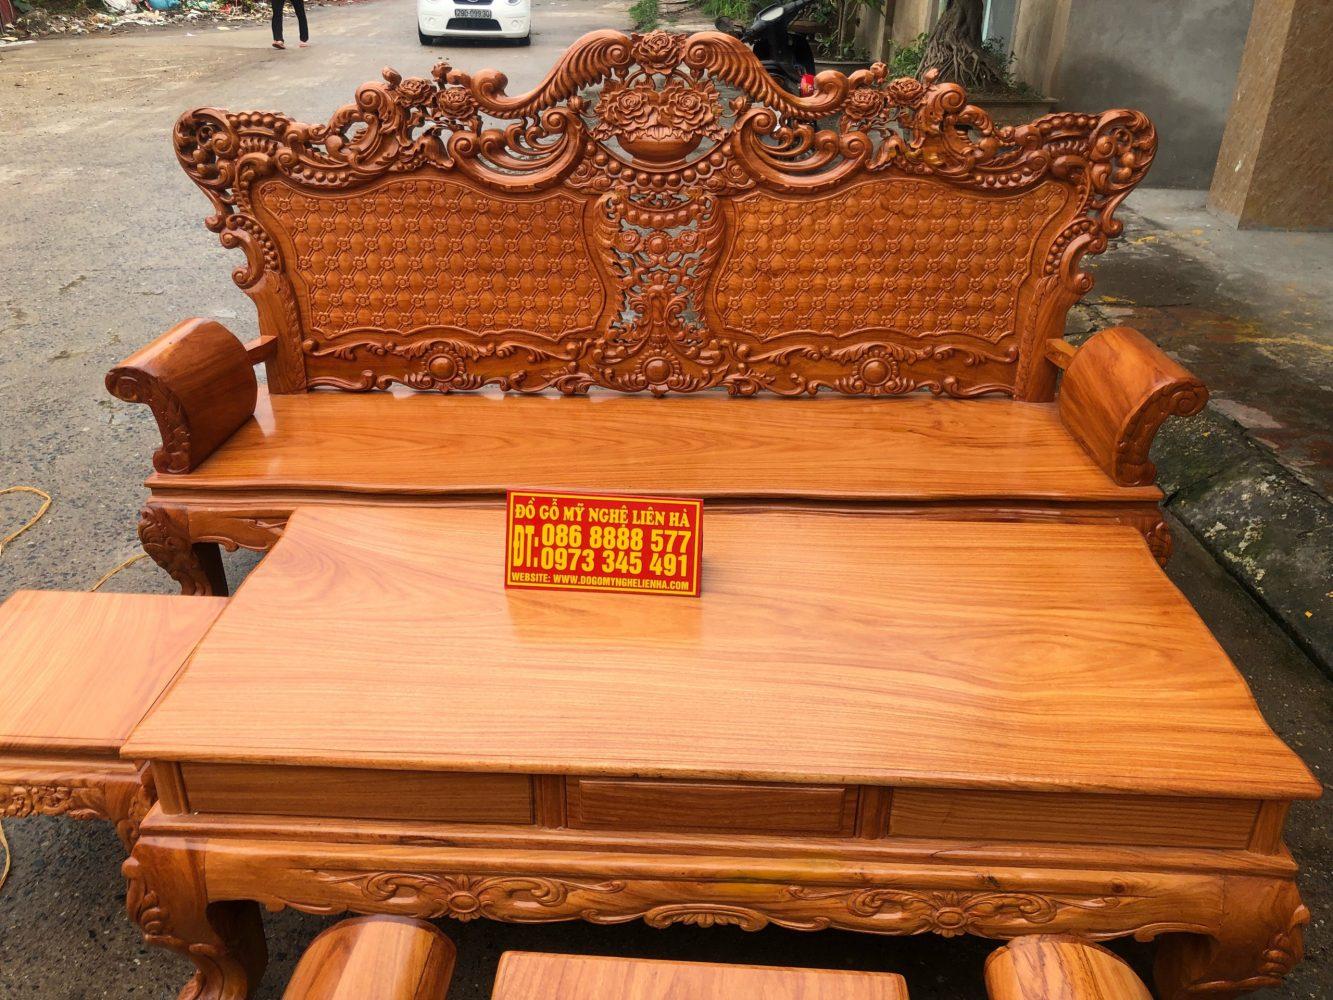 Đoản dài bộ bàn ghế luois hoàng gia gỗ gõ đỏ